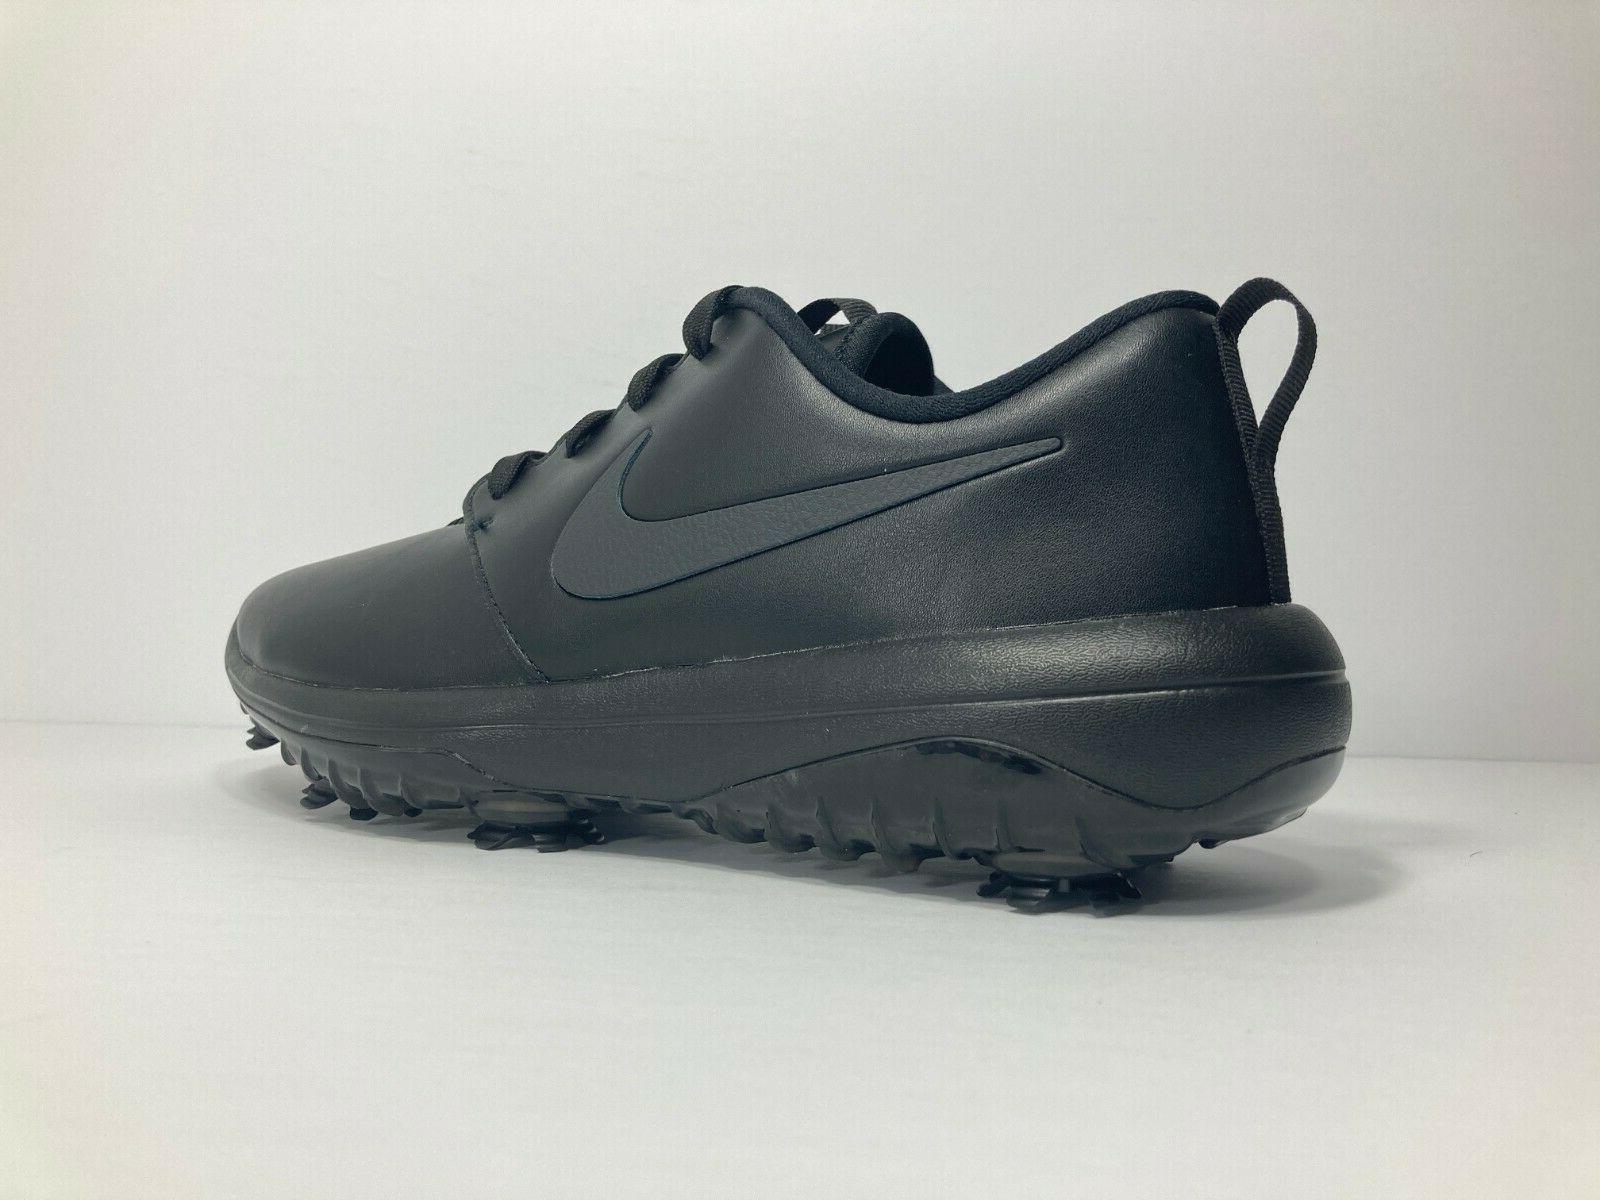 NEW Roshe G Tour Golf Shoes Triple Black 8